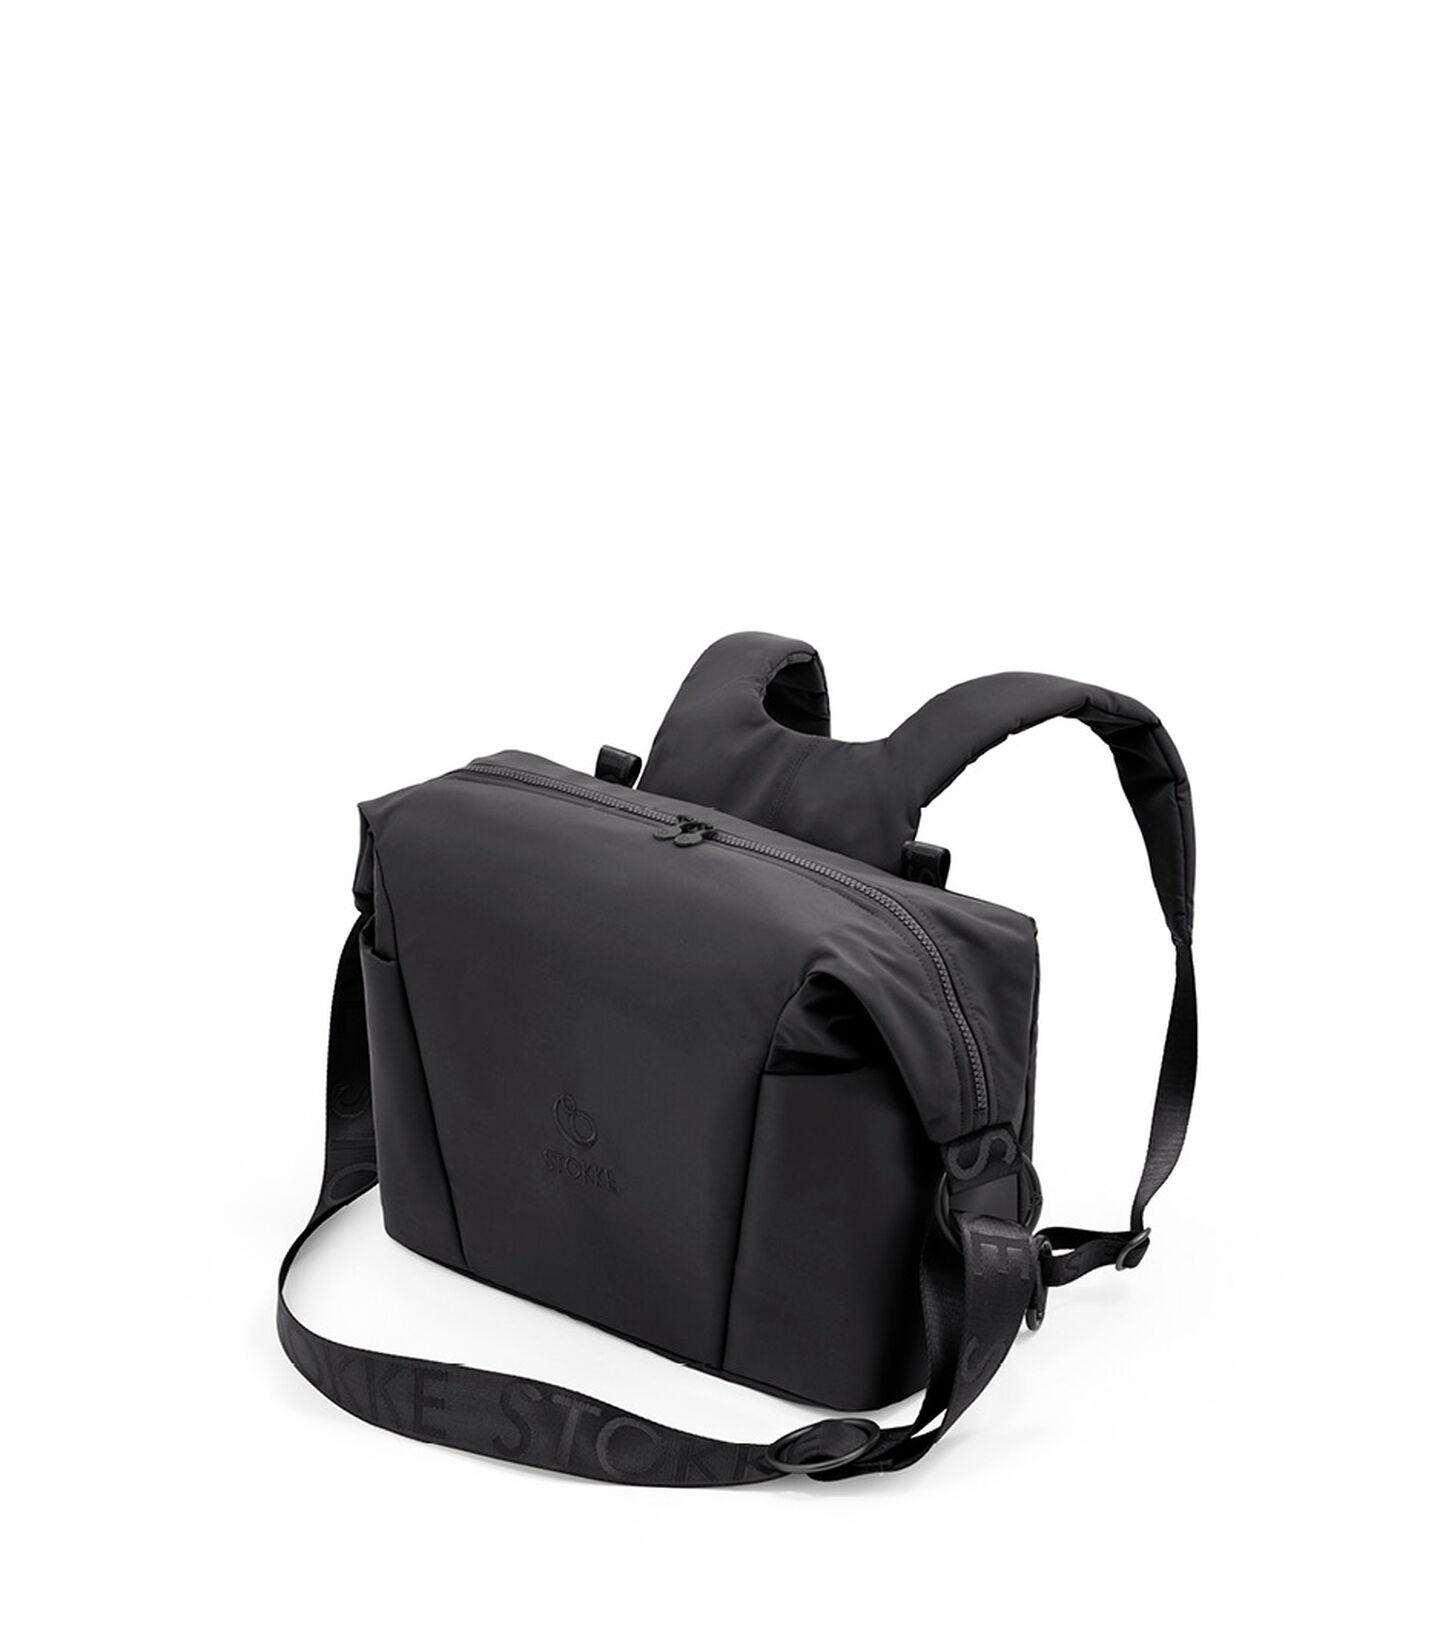 Stokke® Xplory® X Changing bag Rich Black, Rich Black, mainview view 2